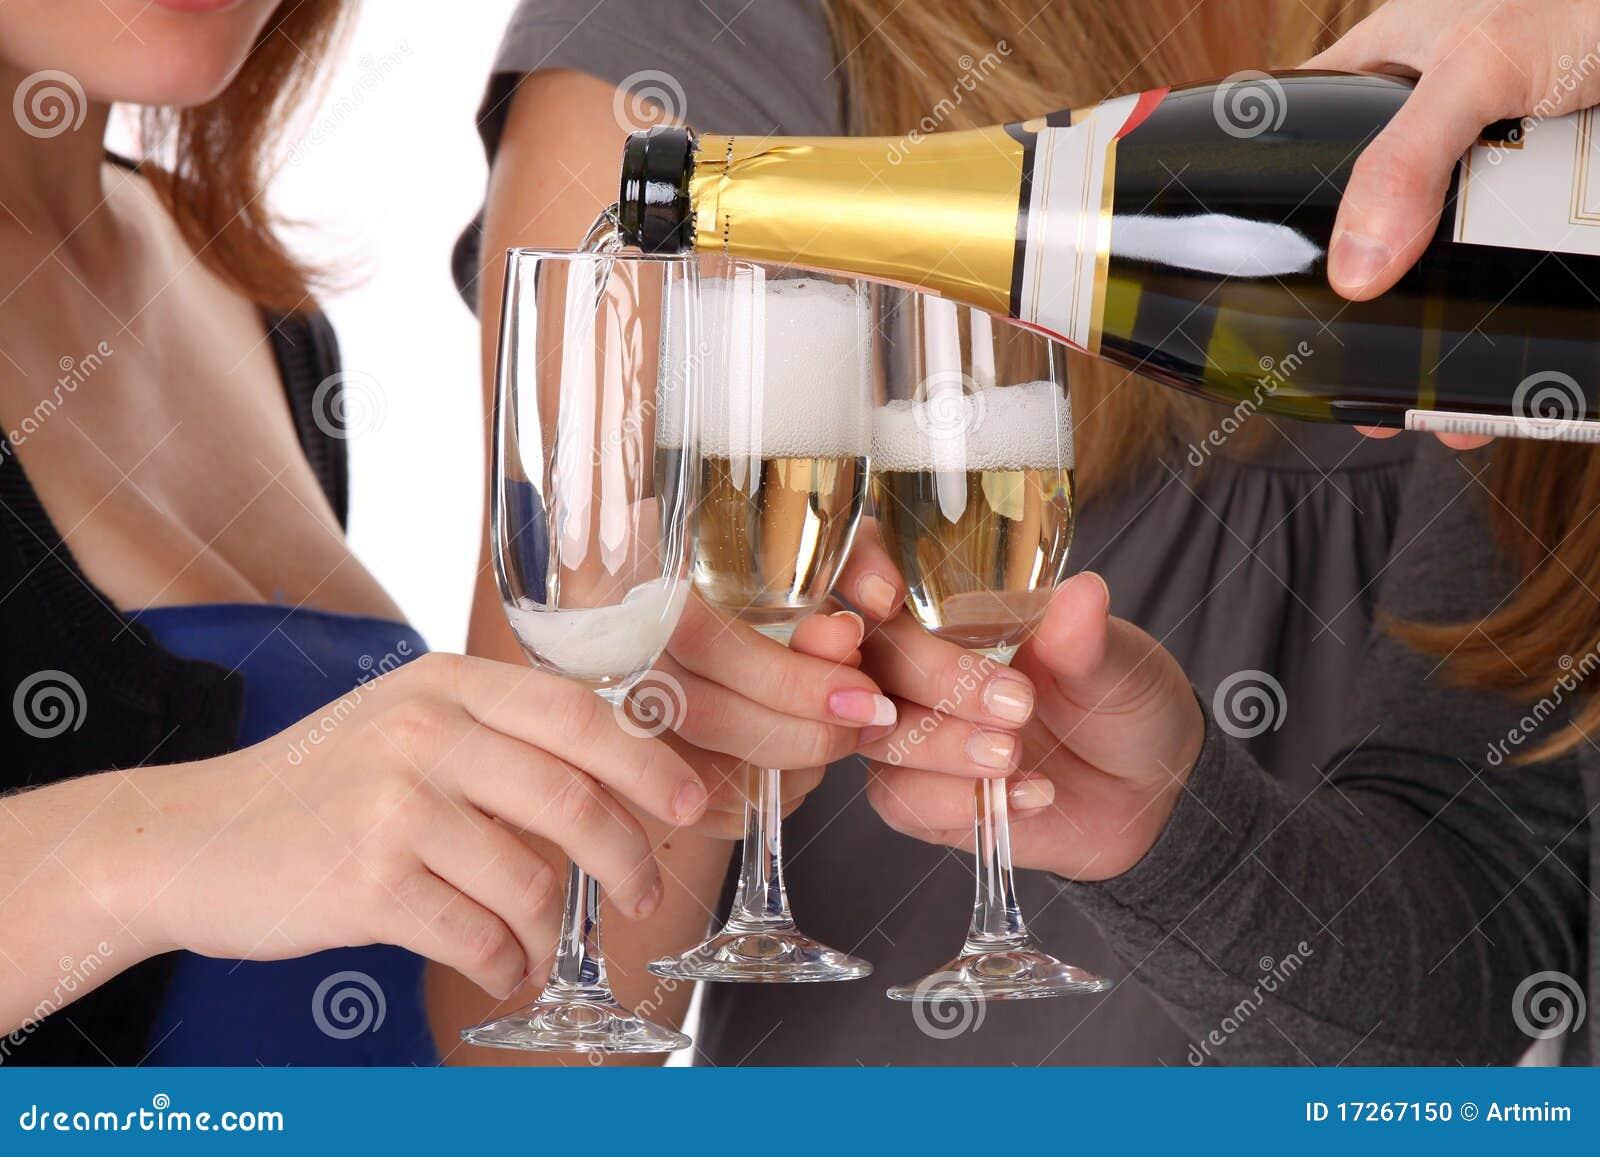 Суёт бутылку от шампанского, Села на бутылку -видео. Смотреть Села на бутылку 25 фотография